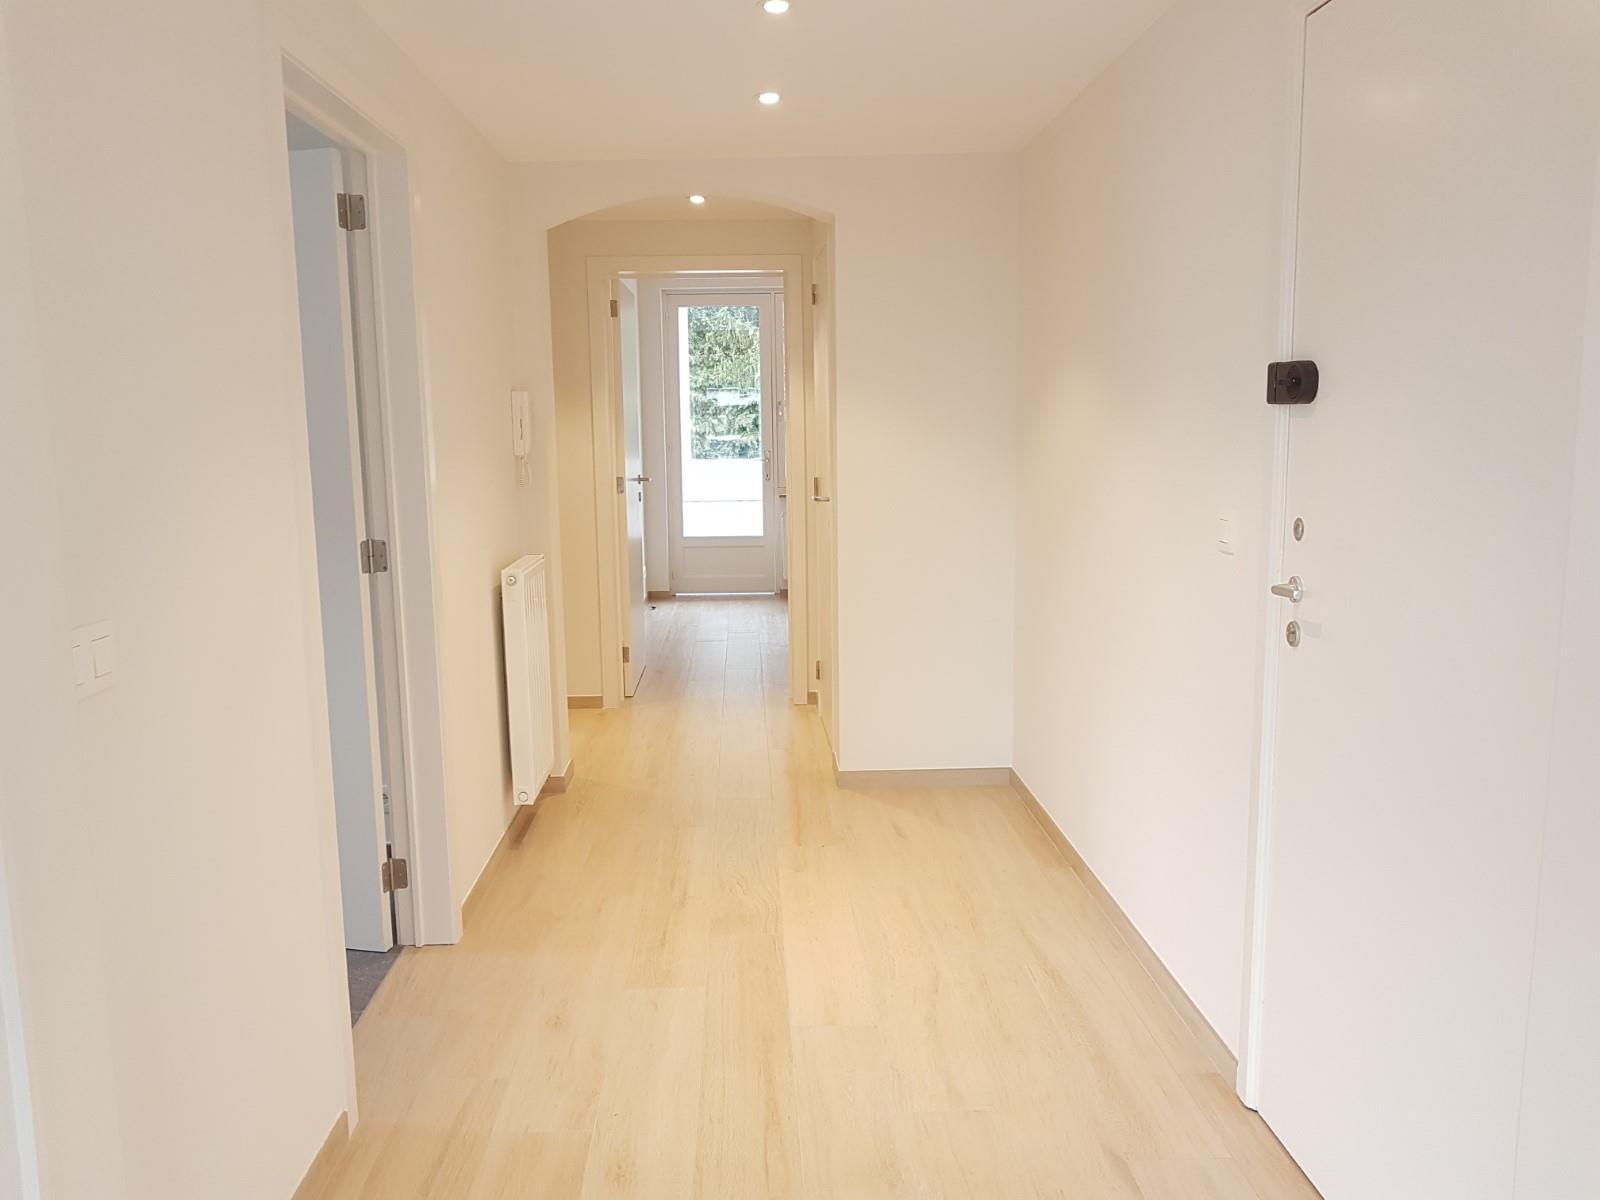 Appartement exceptionnel - Rhode-Saint-Genèse - #4056371-33